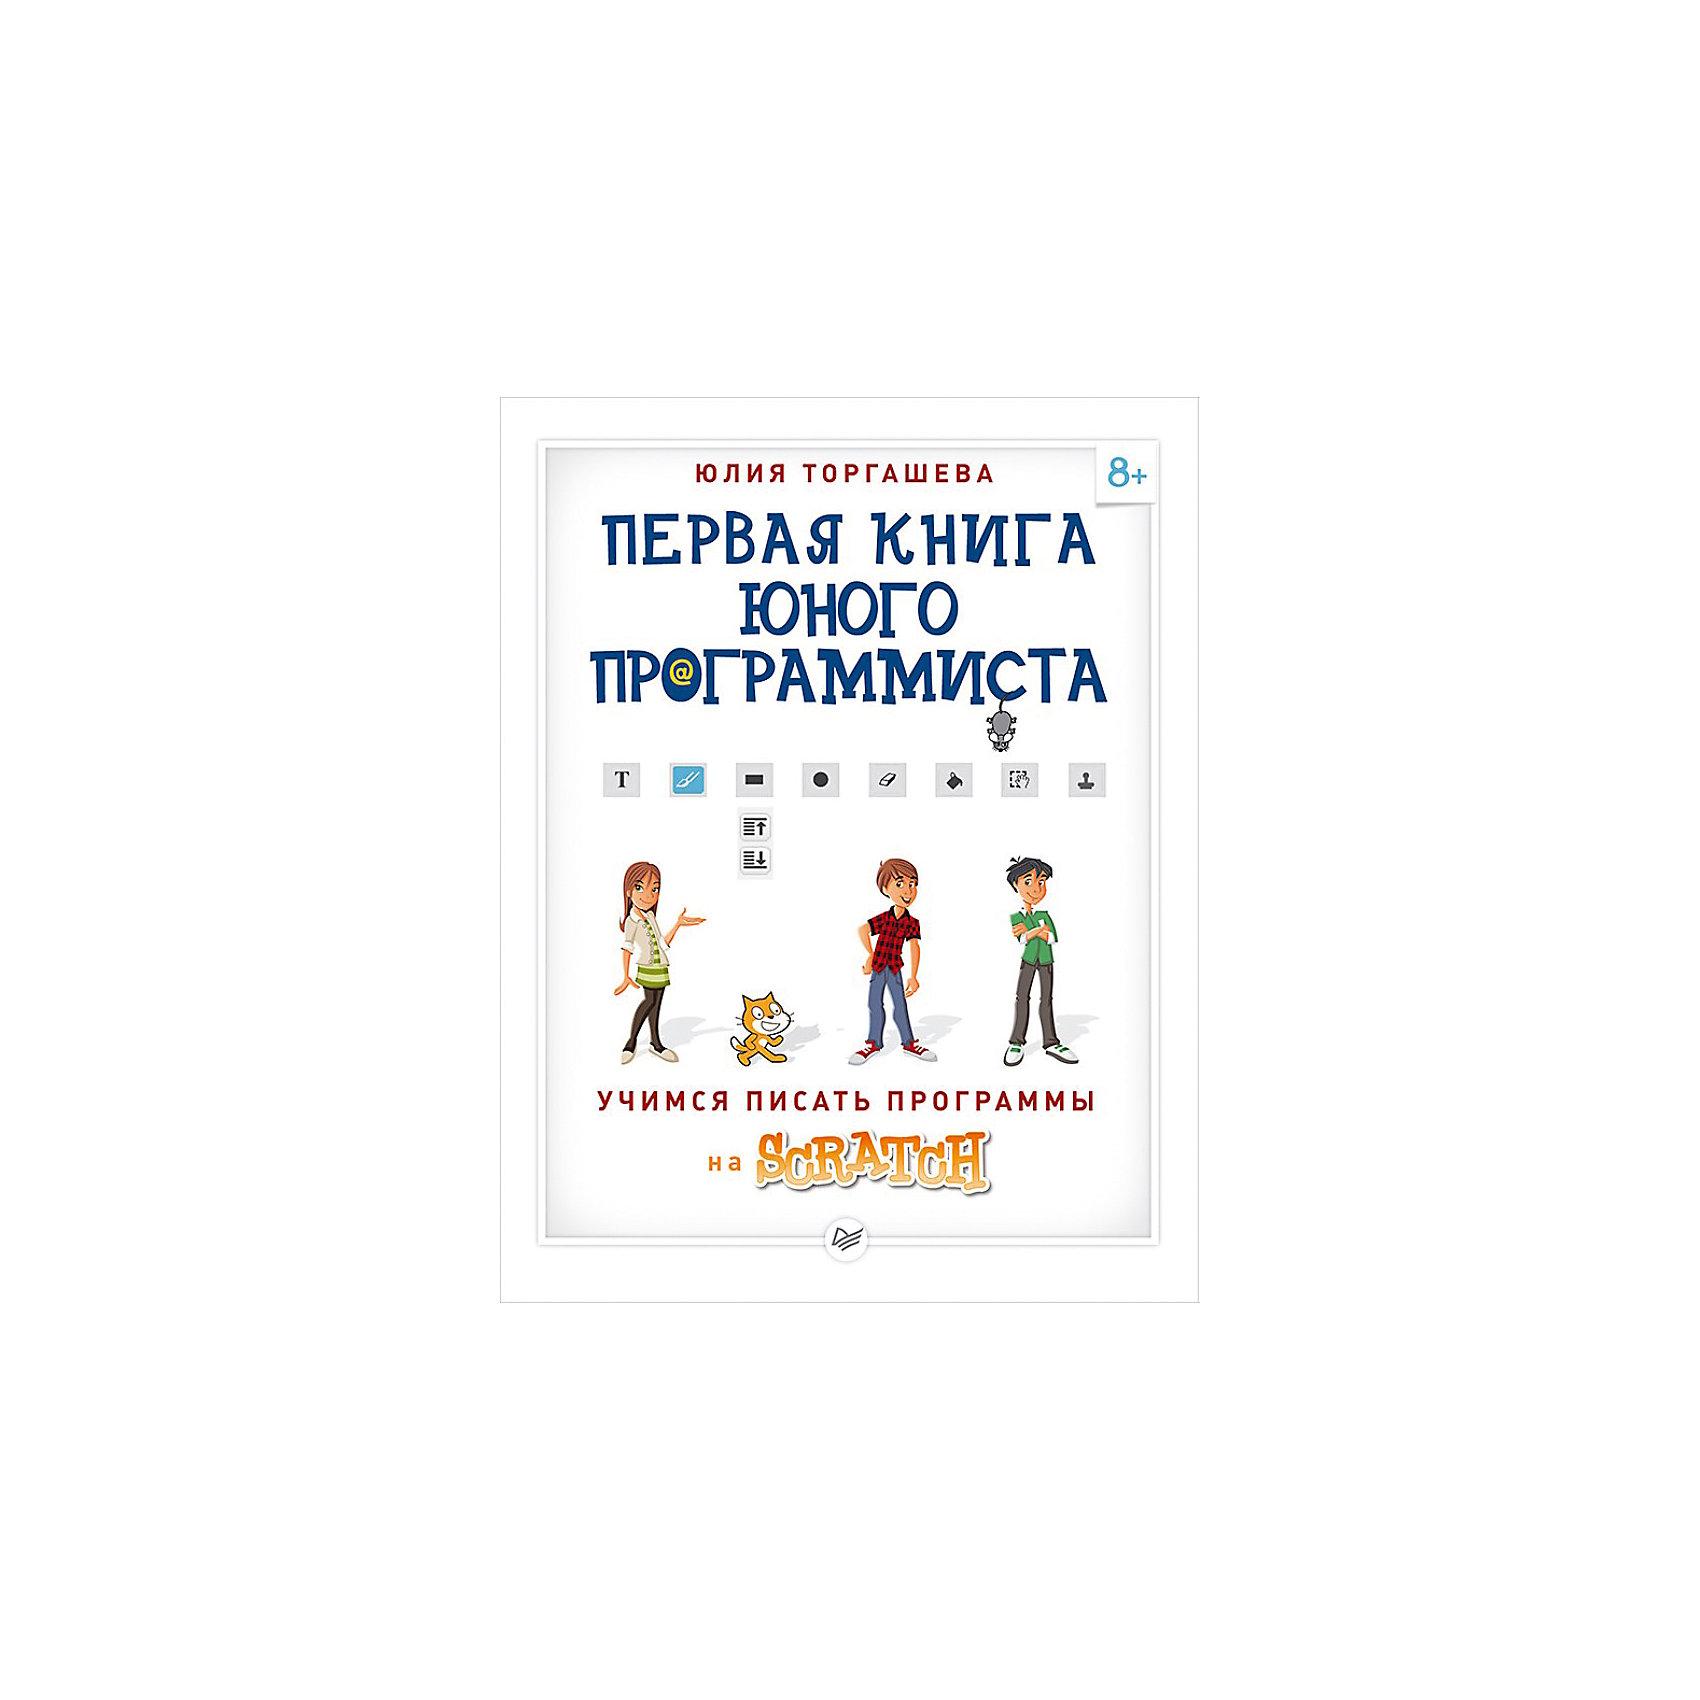 Первая книга юного программиста Учимся писать программы на ScratchКниги для развития мышления<br>Книги – незаменимый помощник в развитии ребенка с раннего возраста. Первая книга юного программиста Учимся писать программы на Scratch построена по уникальной методике, которая позволяет легко освоить язык программирования, собирая блоки программ, как кубики конструктора.  Задания подходят для всех детей, которые увлекаются компьютером. Родители могут сами обучать ребенка, просто проходя все представленные задания вместе с ним. Первая книга юного программиста Учимся писать программы на Scratch станет прекрасным подарком на любой праздник.  Интересный дизайн и пошаговые задания привьют ребенку любовь к занятиям. Издание развивает внимательность, логическое мышление, а также поможет с выбором профессии и освоением полезных навыков.<br><br>Дополнительная информация:<br><br>страниц: 128;<br>твердая обложка;<br>формат:  205 х 260 мм.<br><br>Издание Первая книга юного программиста Учимся писать программы на Scratch можно купить в нашем магазине.<br><br>Ширина мм: 260<br>Глубина мм: 201<br>Высота мм: 11<br>Вес г: 412<br>Возраст от месяцев: 72<br>Возраст до месяцев: 2147483647<br>Пол: Унисекс<br>Возраст: Детский<br>SKU: 4966273